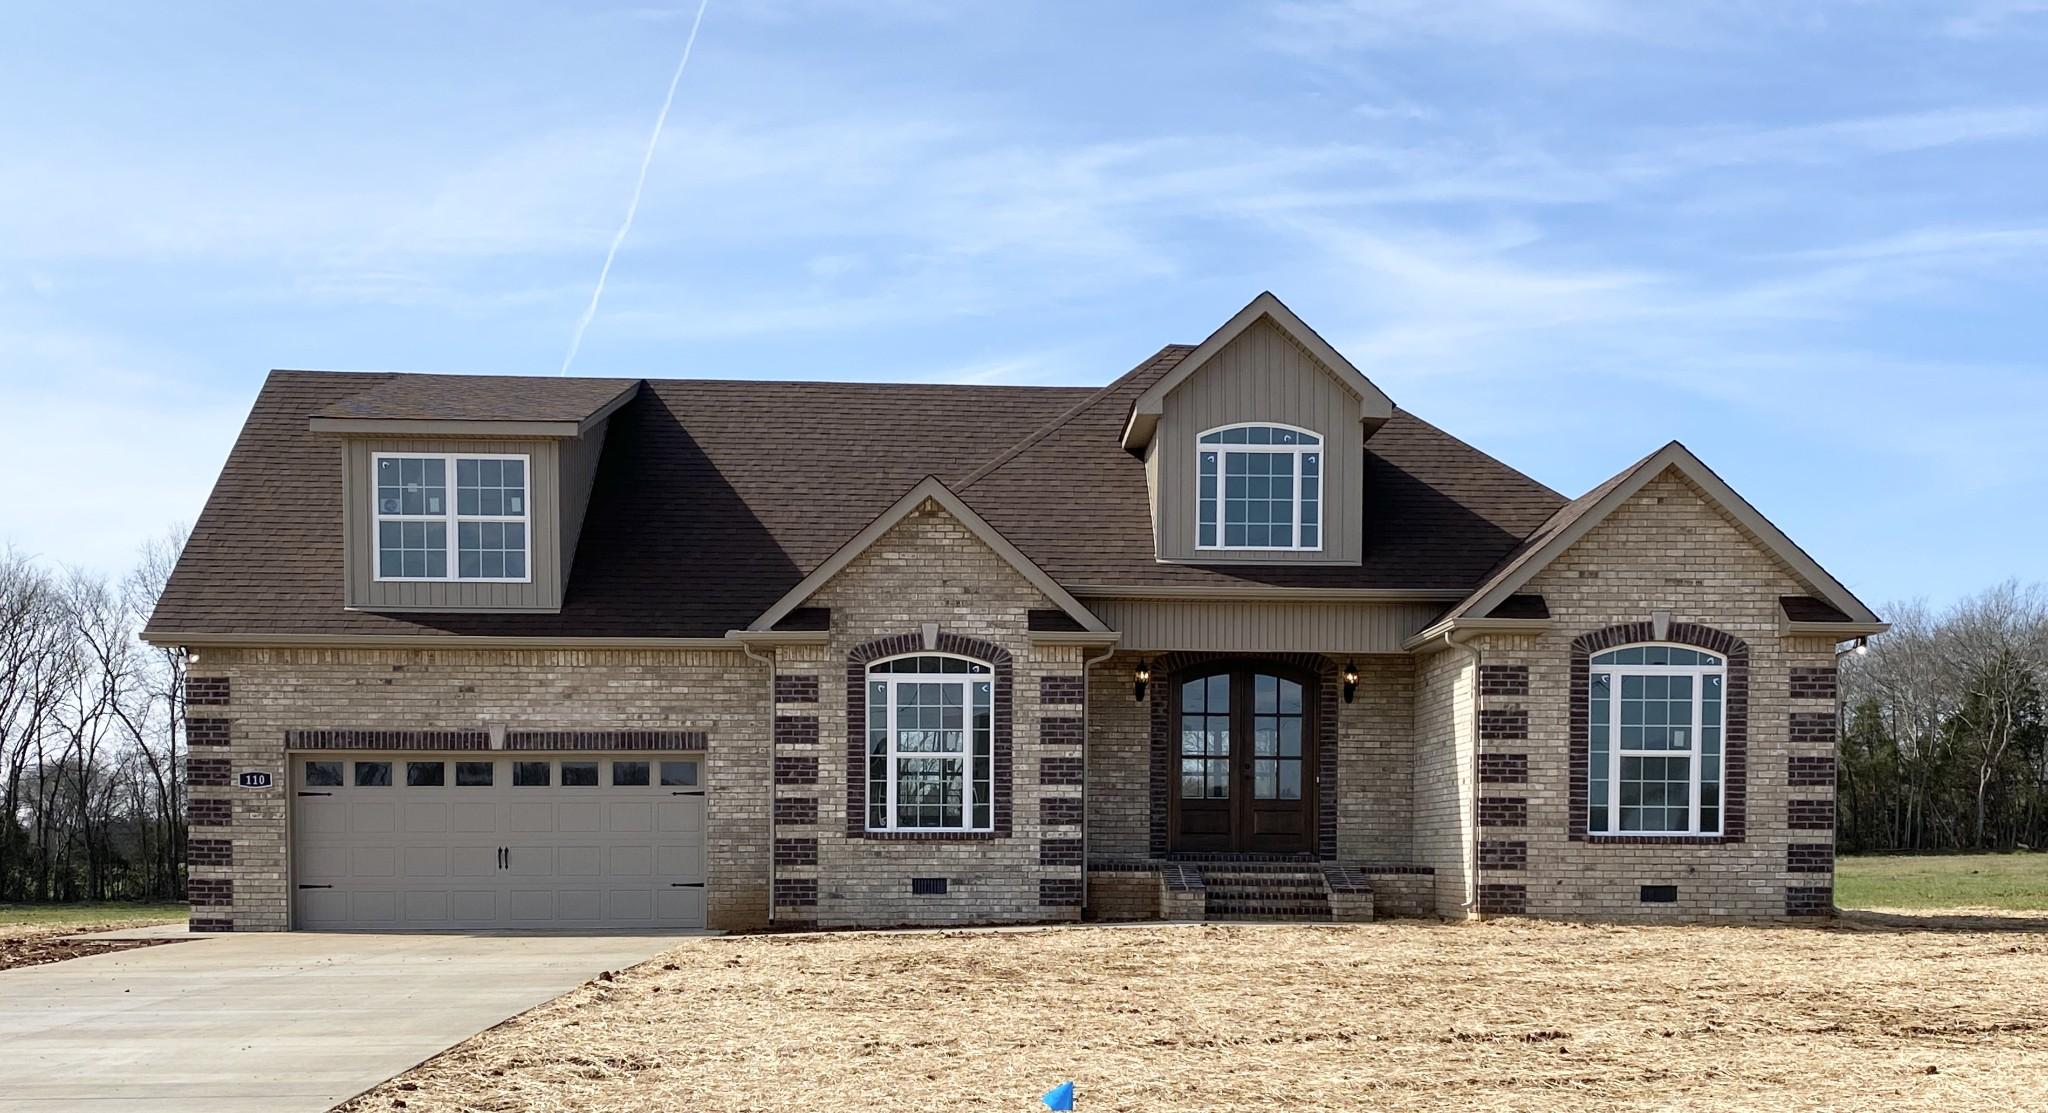 110 Northside Ln, Unionville, TN 37180 - Unionville, TN real estate listing